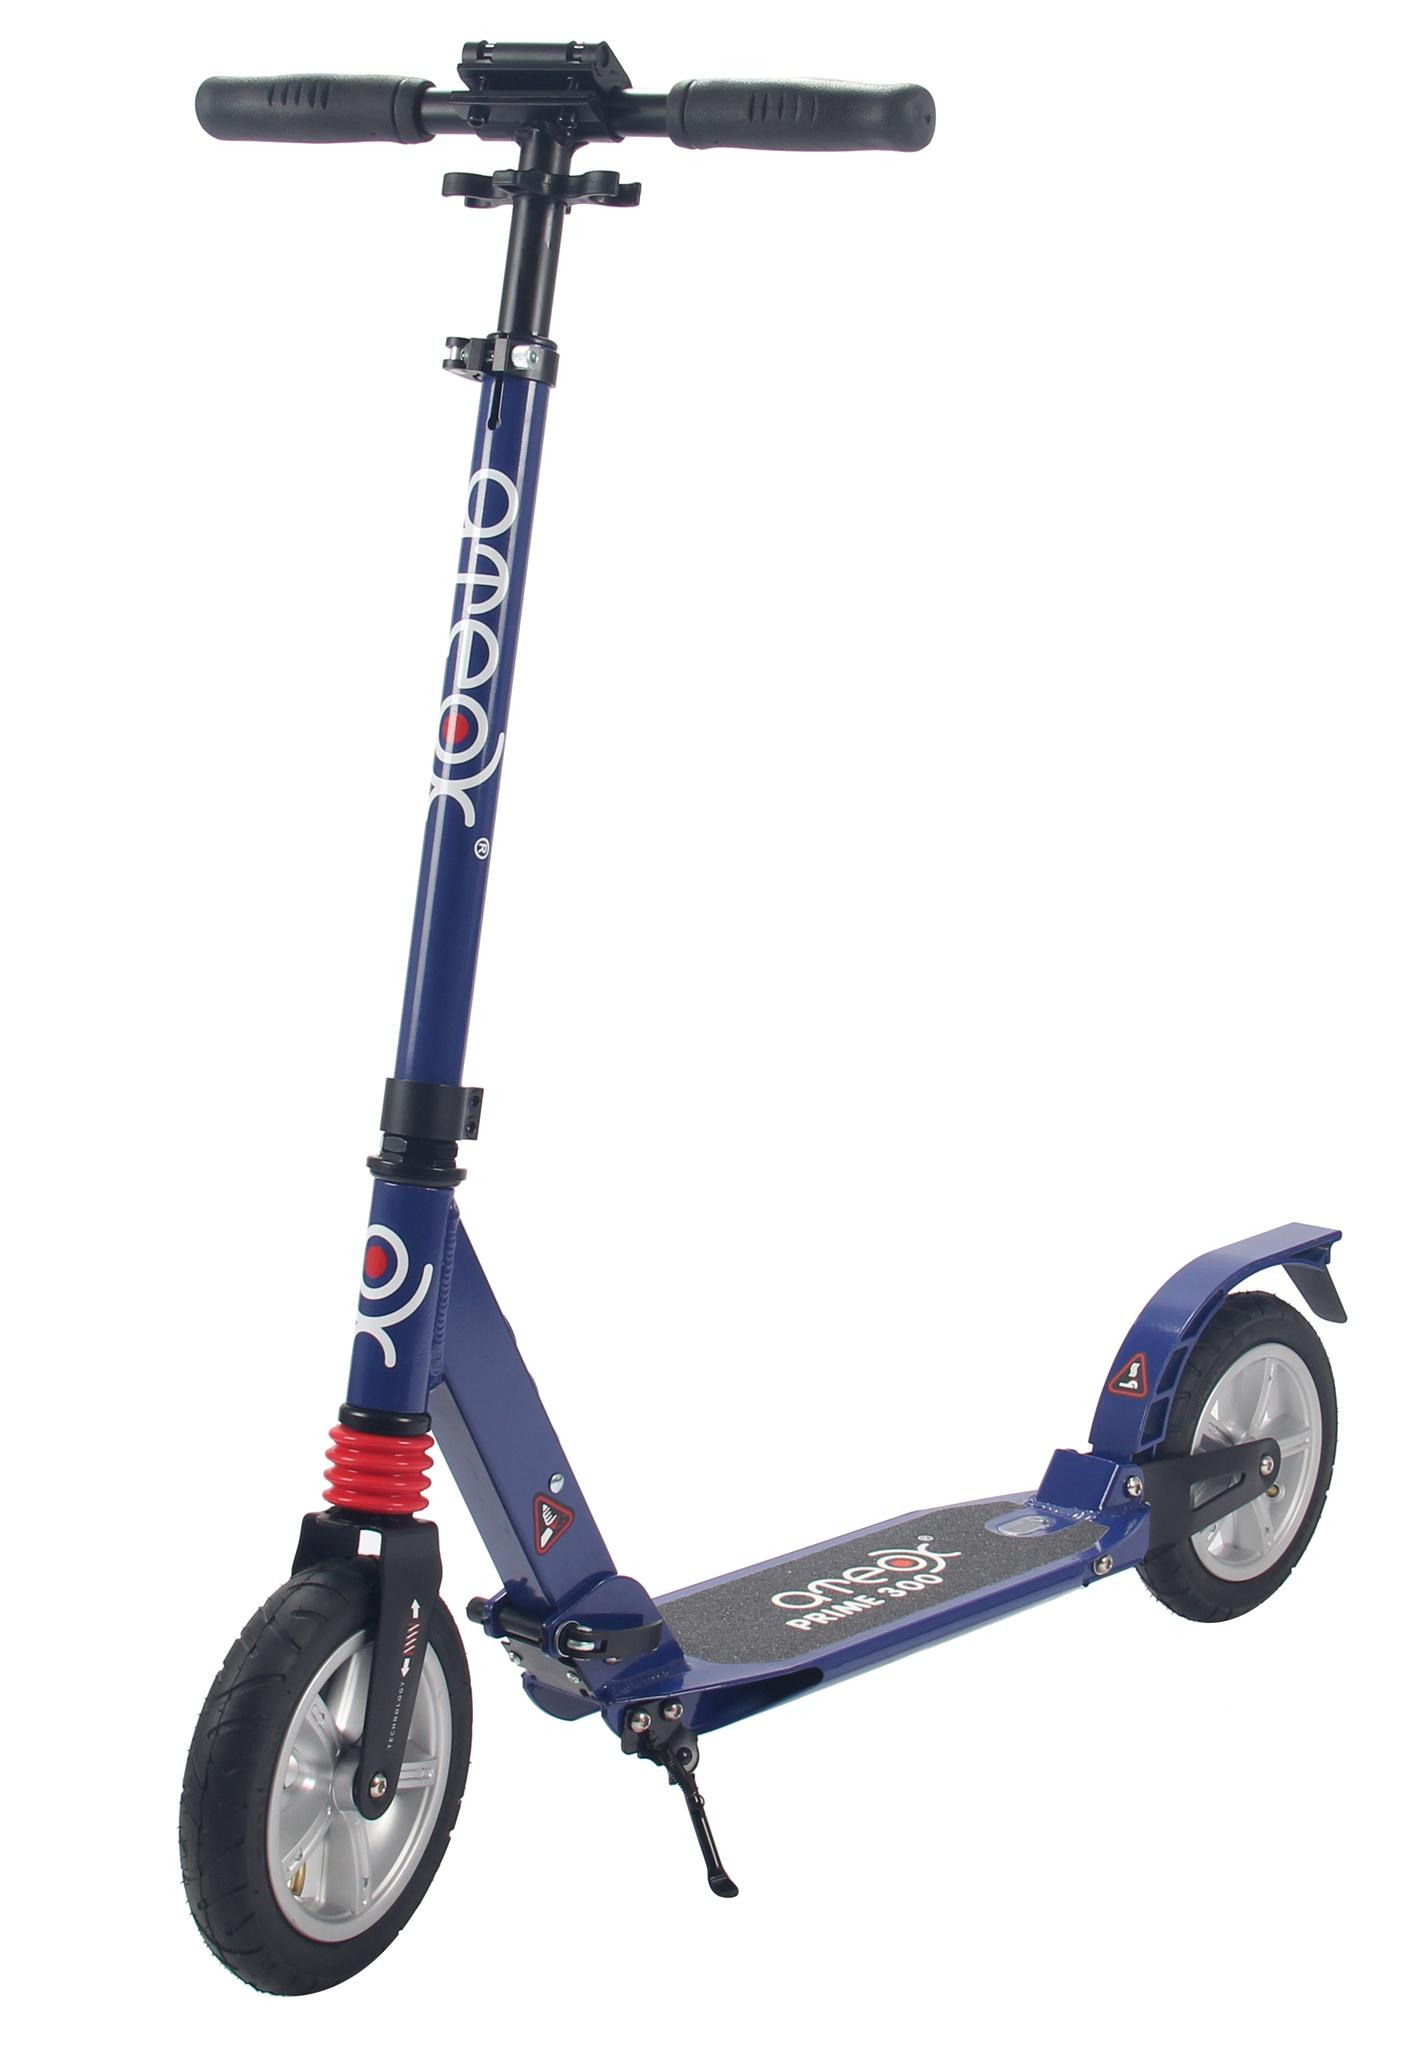 Самокат для взрослых Ateox PRIME 300 c надувными колесами (Синий)